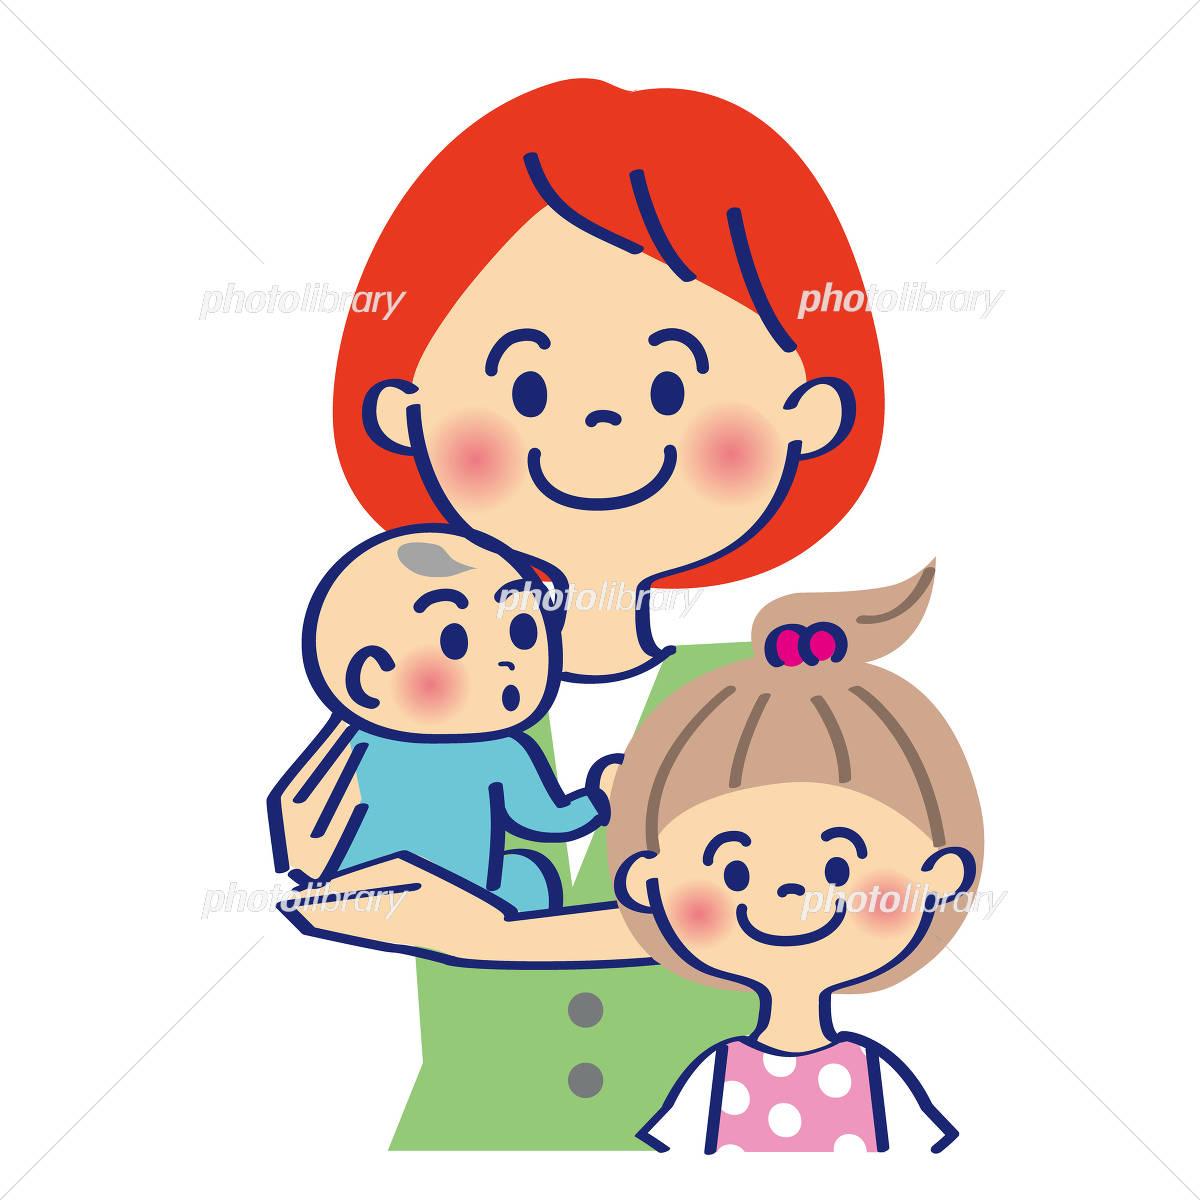 赤ちゃんを抱っこするママ イラスト素材 4392334 フォトライブ